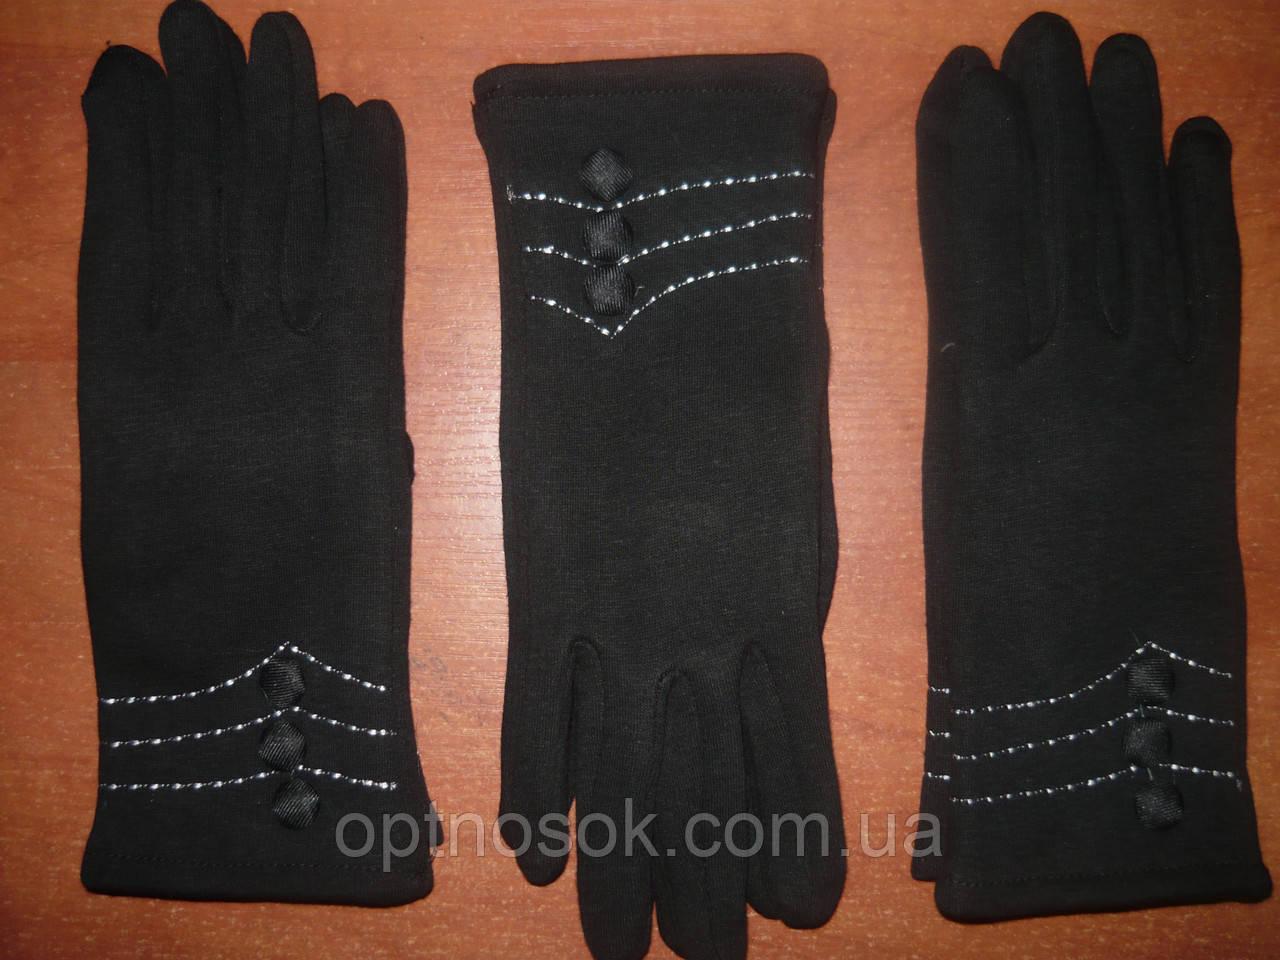 Женские перчатки Корона с начесом. Бамбук. р. L.